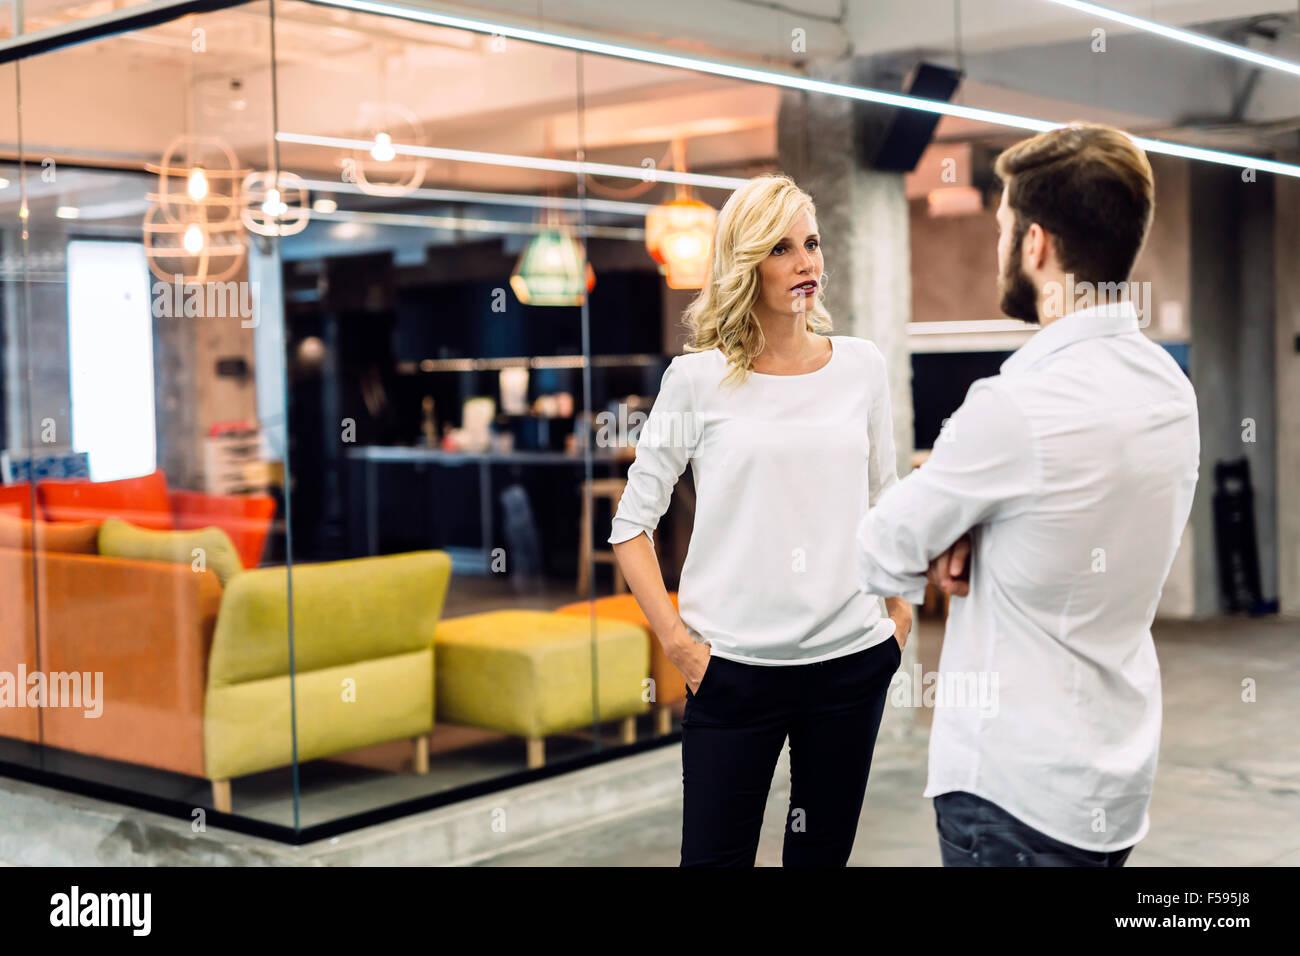 Oficina hablar entre compañeros de trabajo Imagen De Stock